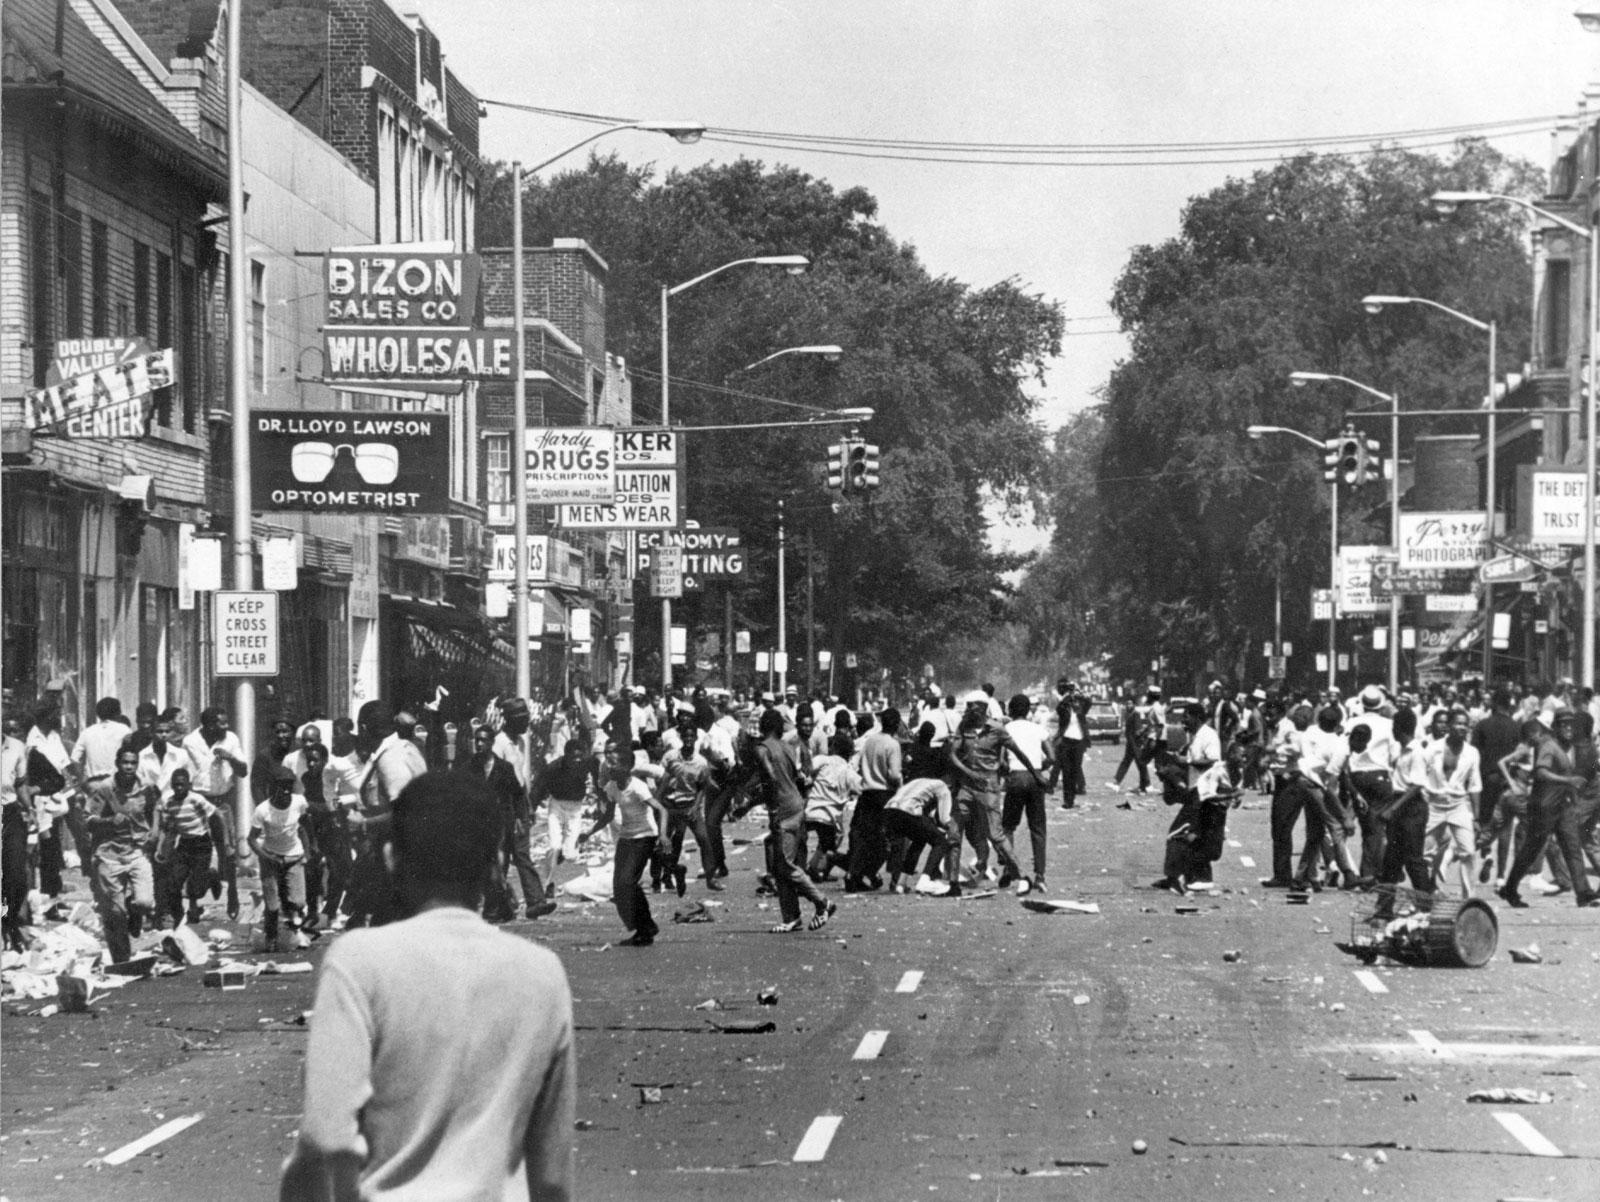 People-Detroit-1967.jpg